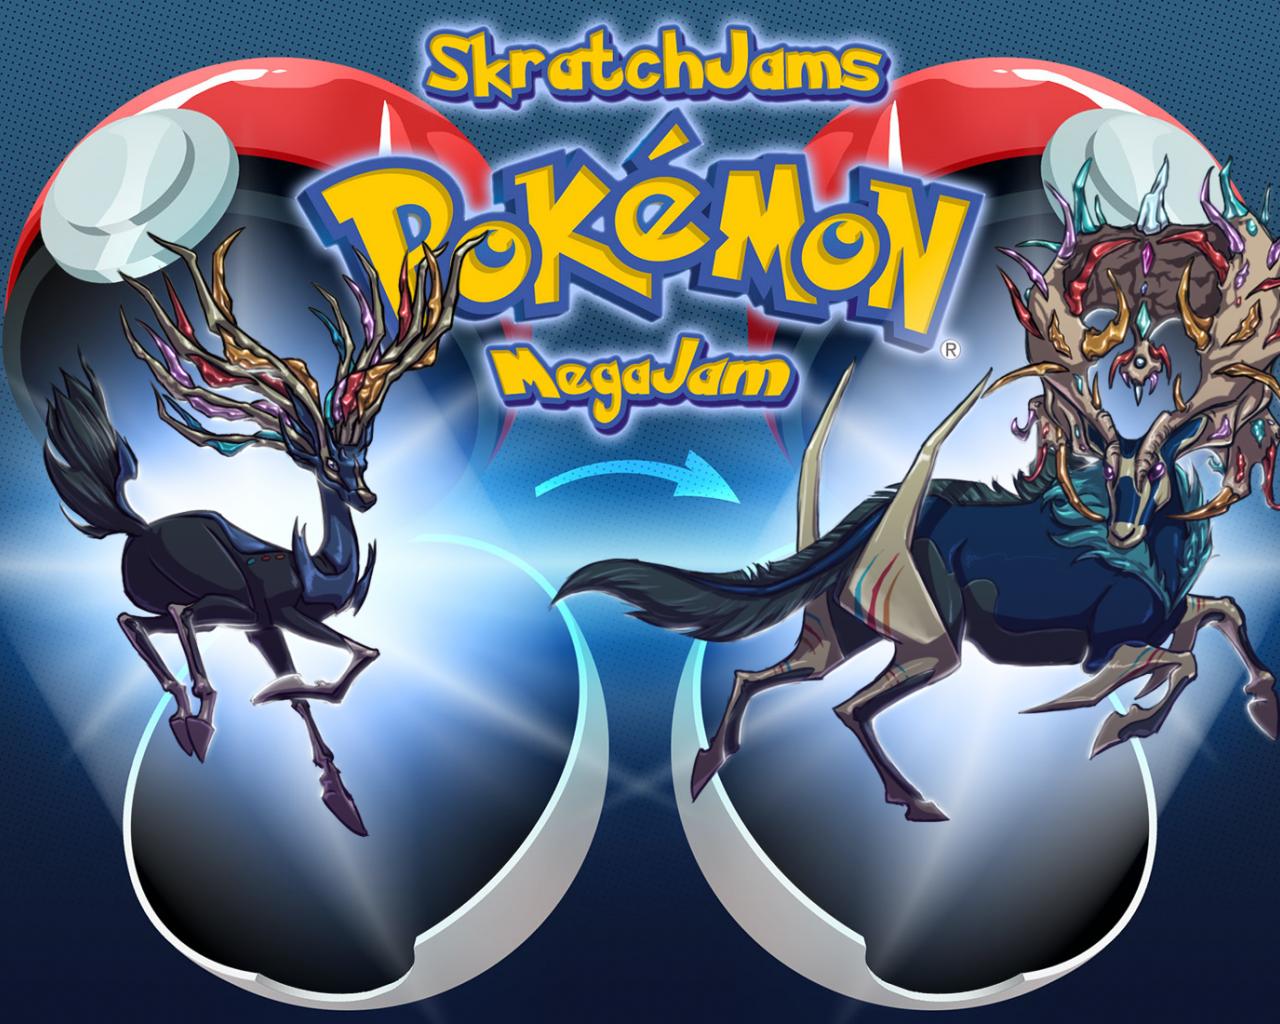 Free Download Pokemon Mega Jam On Skratchjams Deviantart 1700x1100 For Your Desktop Mobile Tablet Explore 48 Pokemon Mega Evolution Wallpaper Cool Pokemon Wallpapers Mega Lucario Wallpaper Pokemon X And Y Wallpaper